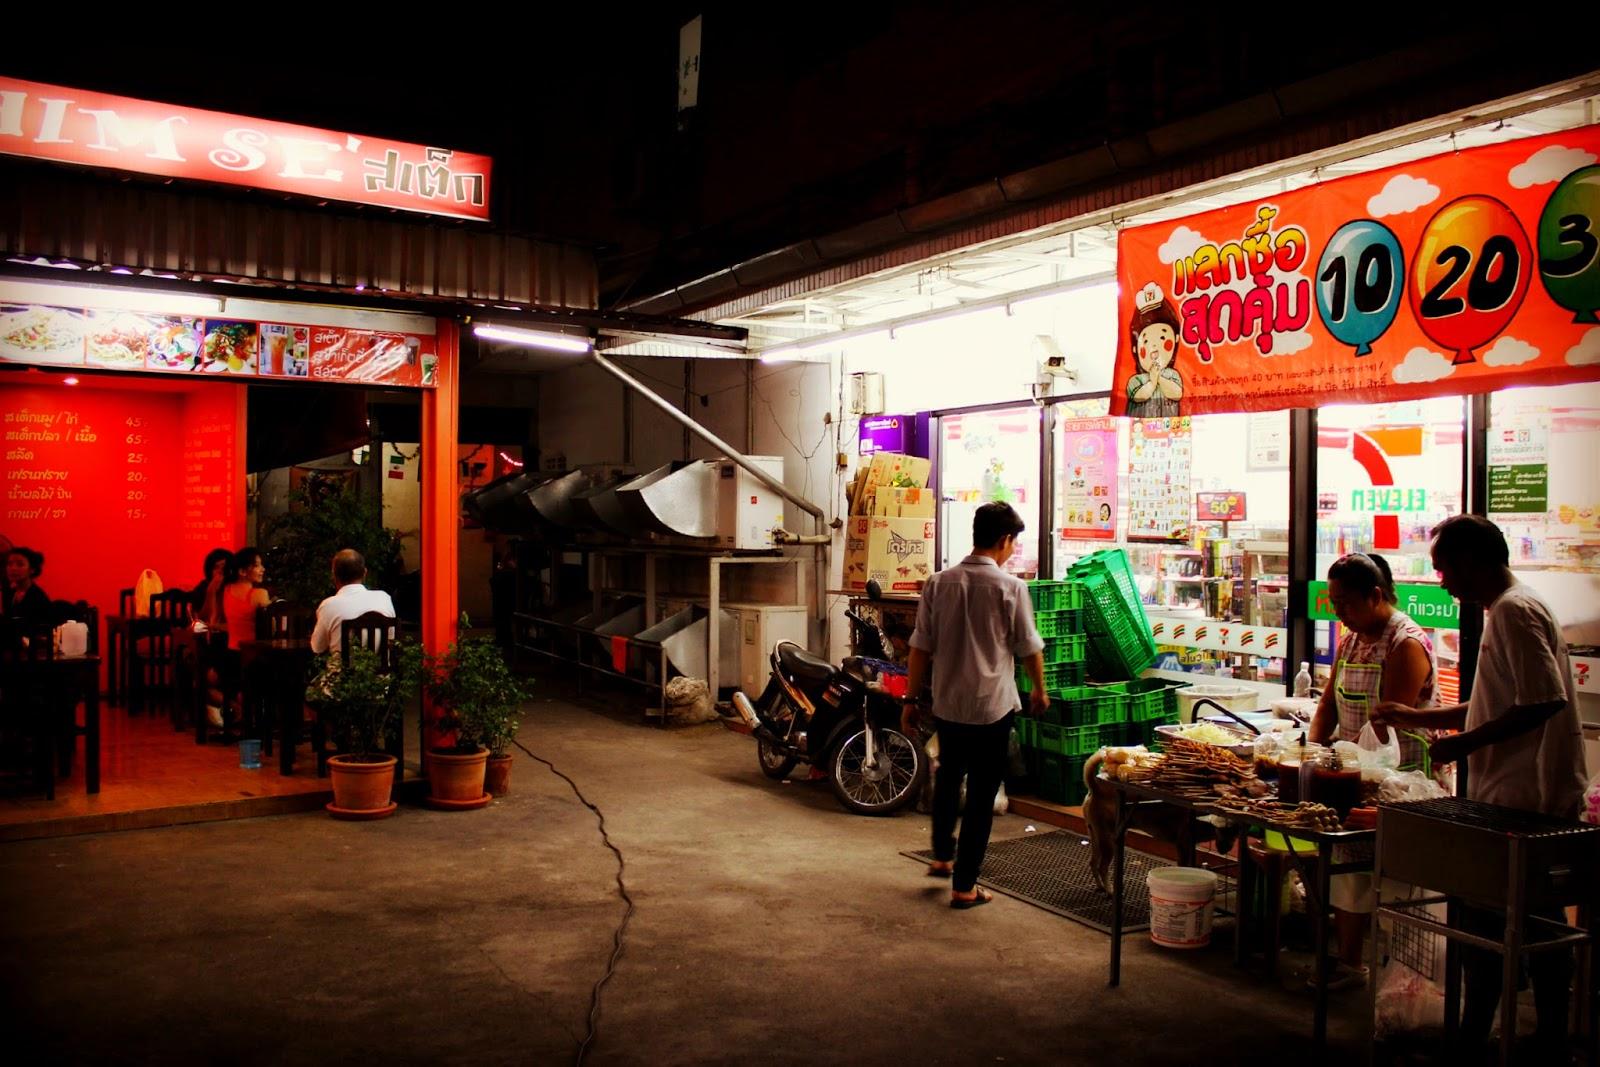 Thai takeaway street food